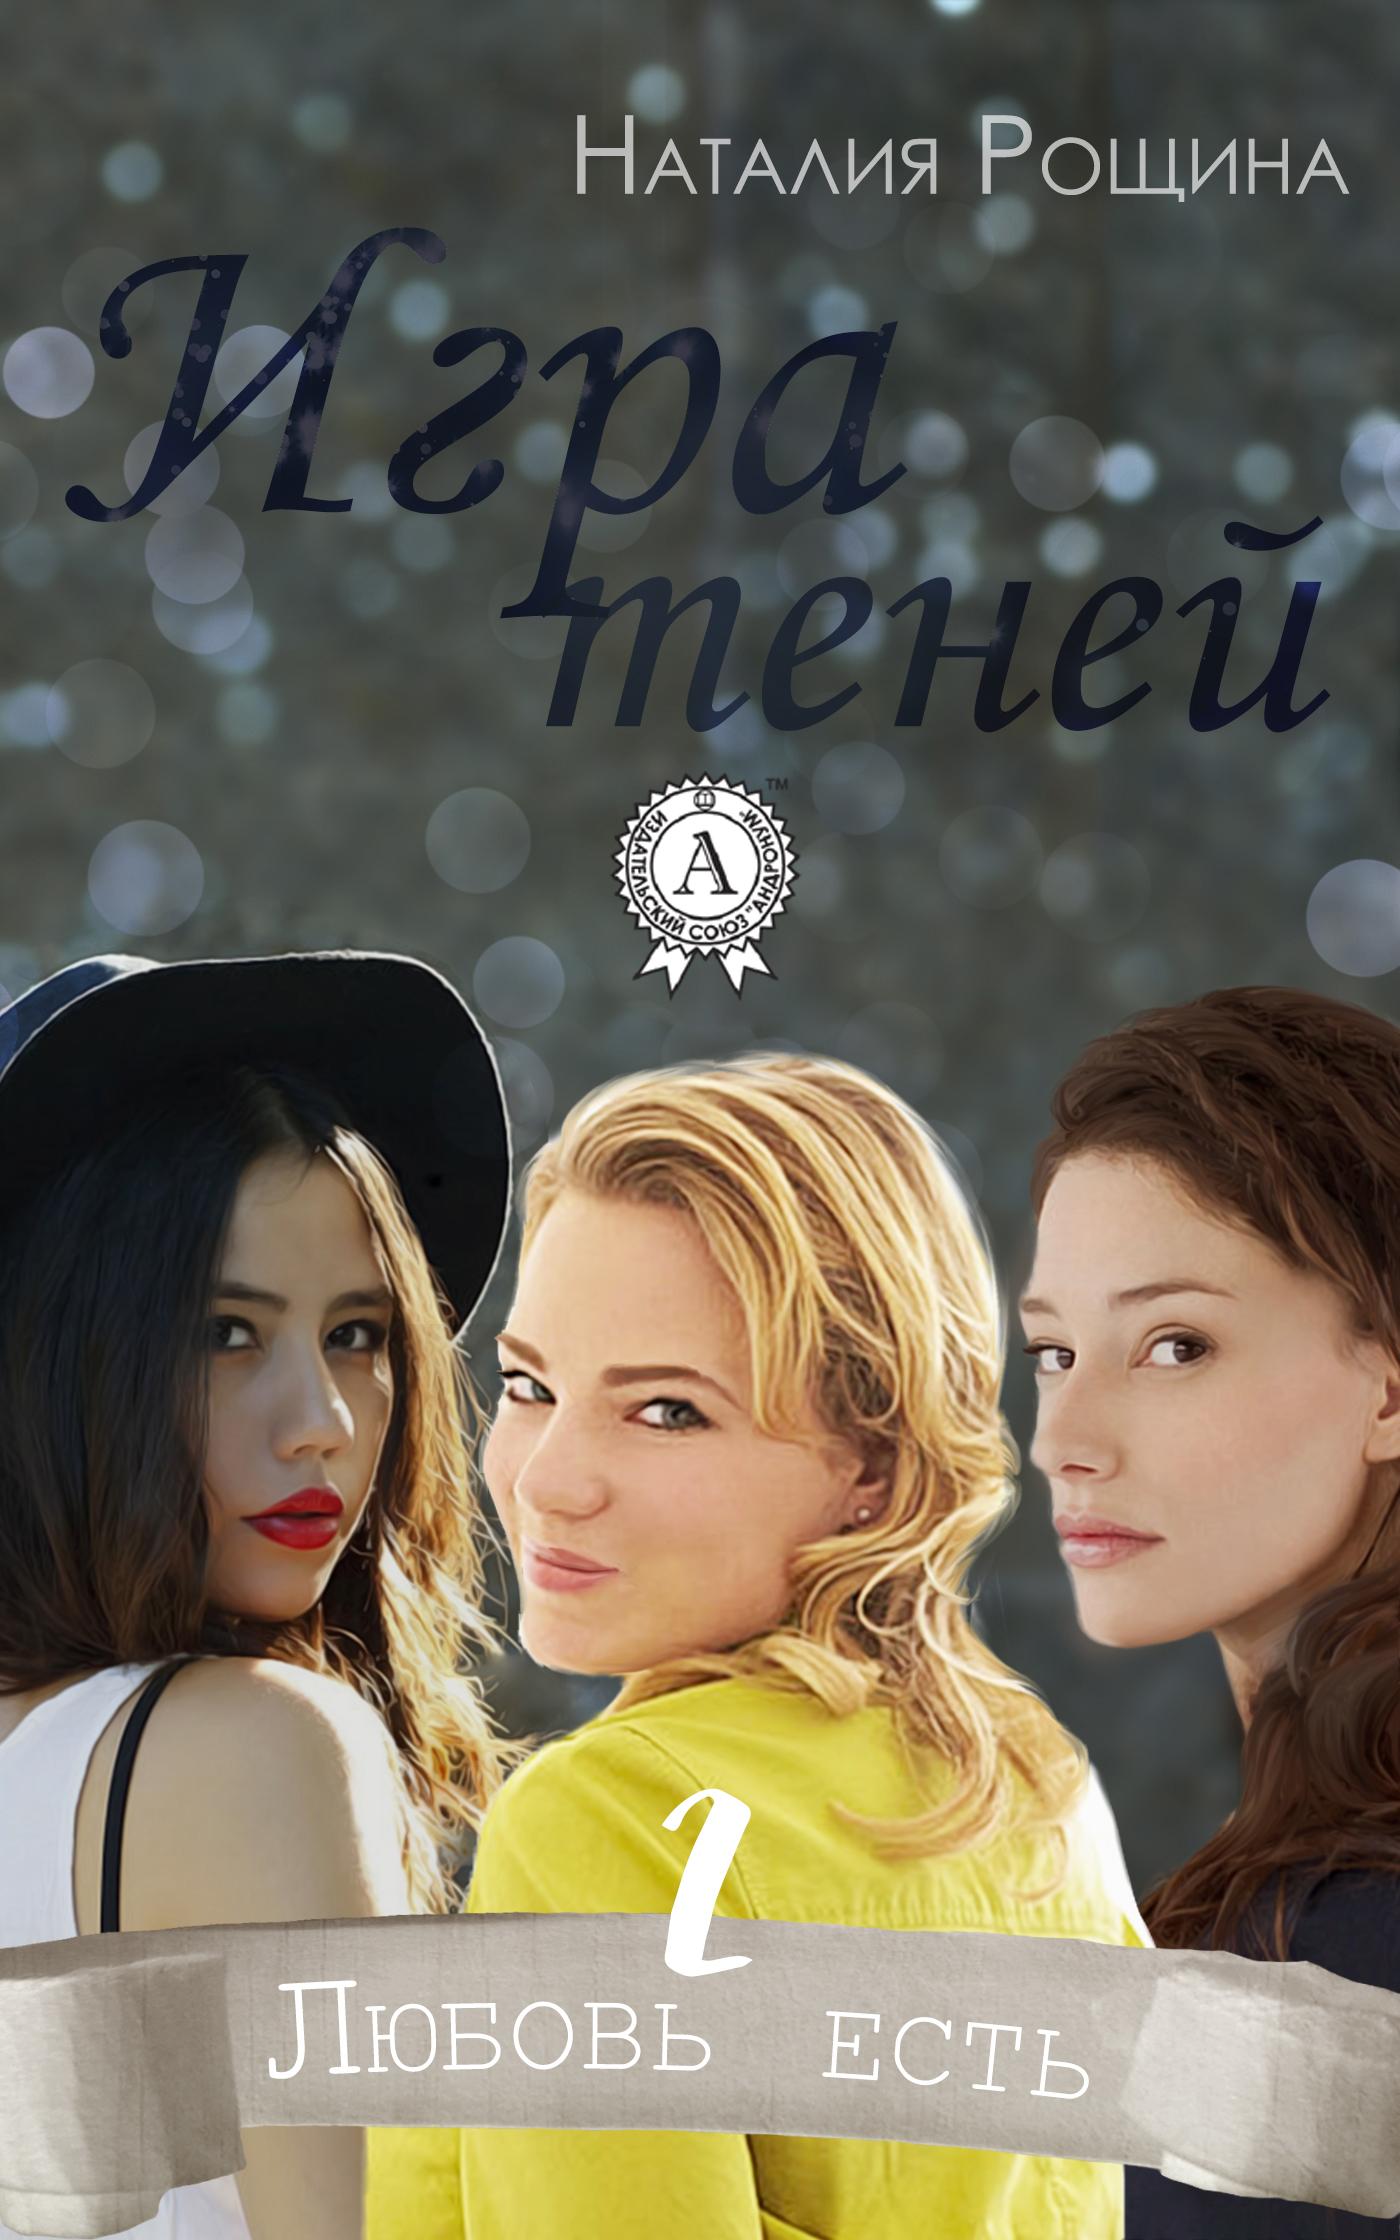 Наталия Рощина - Игра теней